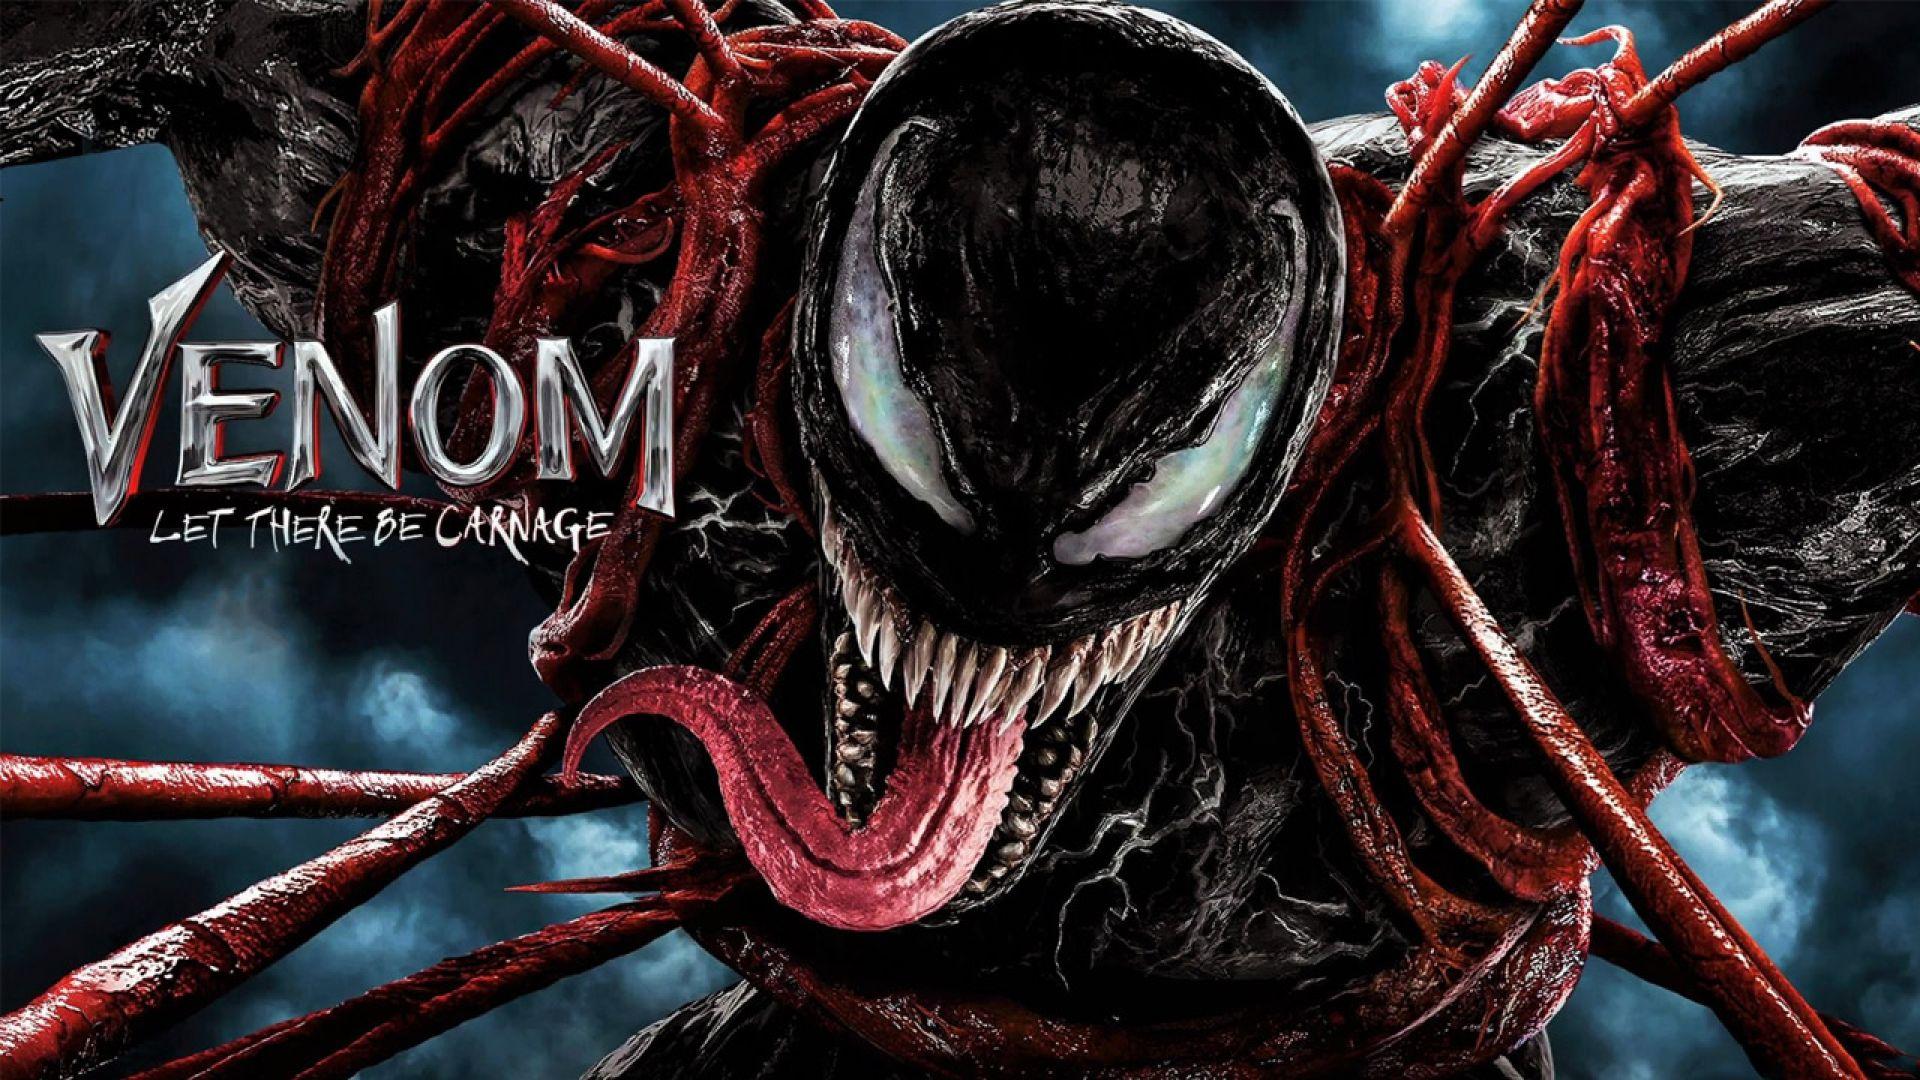 تاریخ انتشار فیلم Venom: Let There Be Carnage جلو افتاد